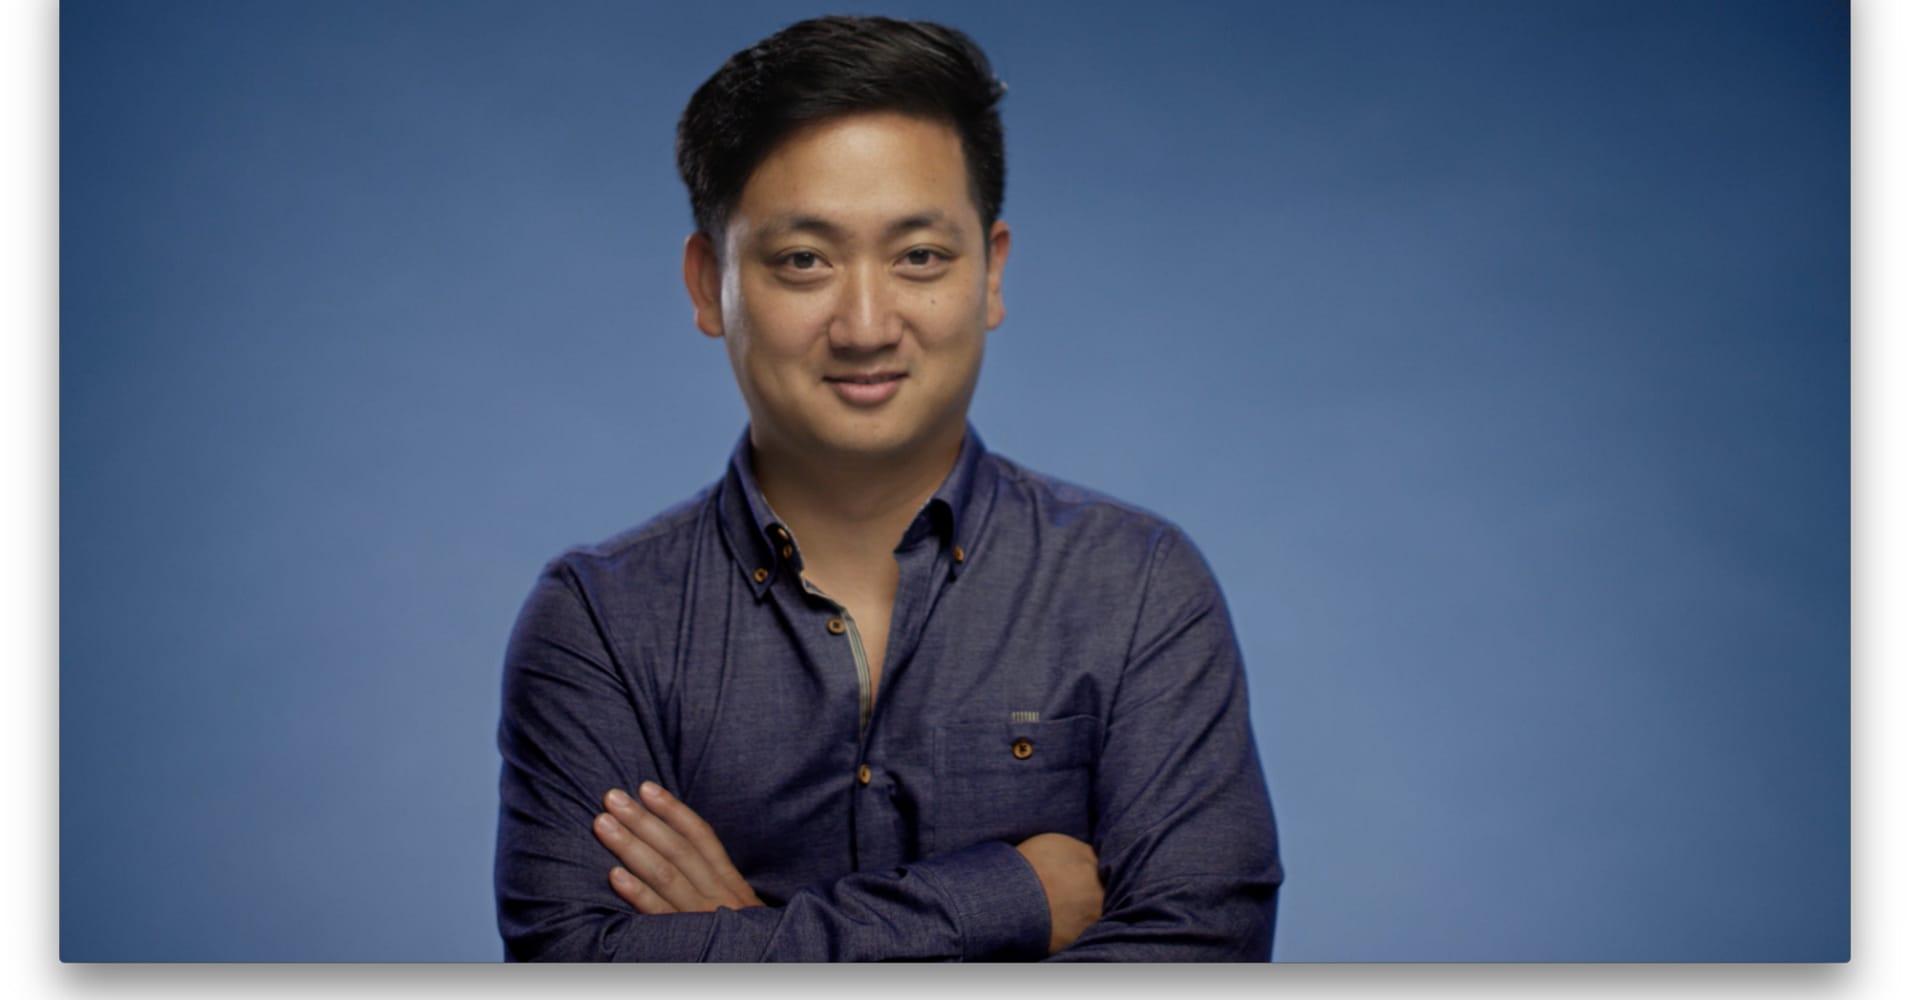 NerdWallet CEO Tim Chen